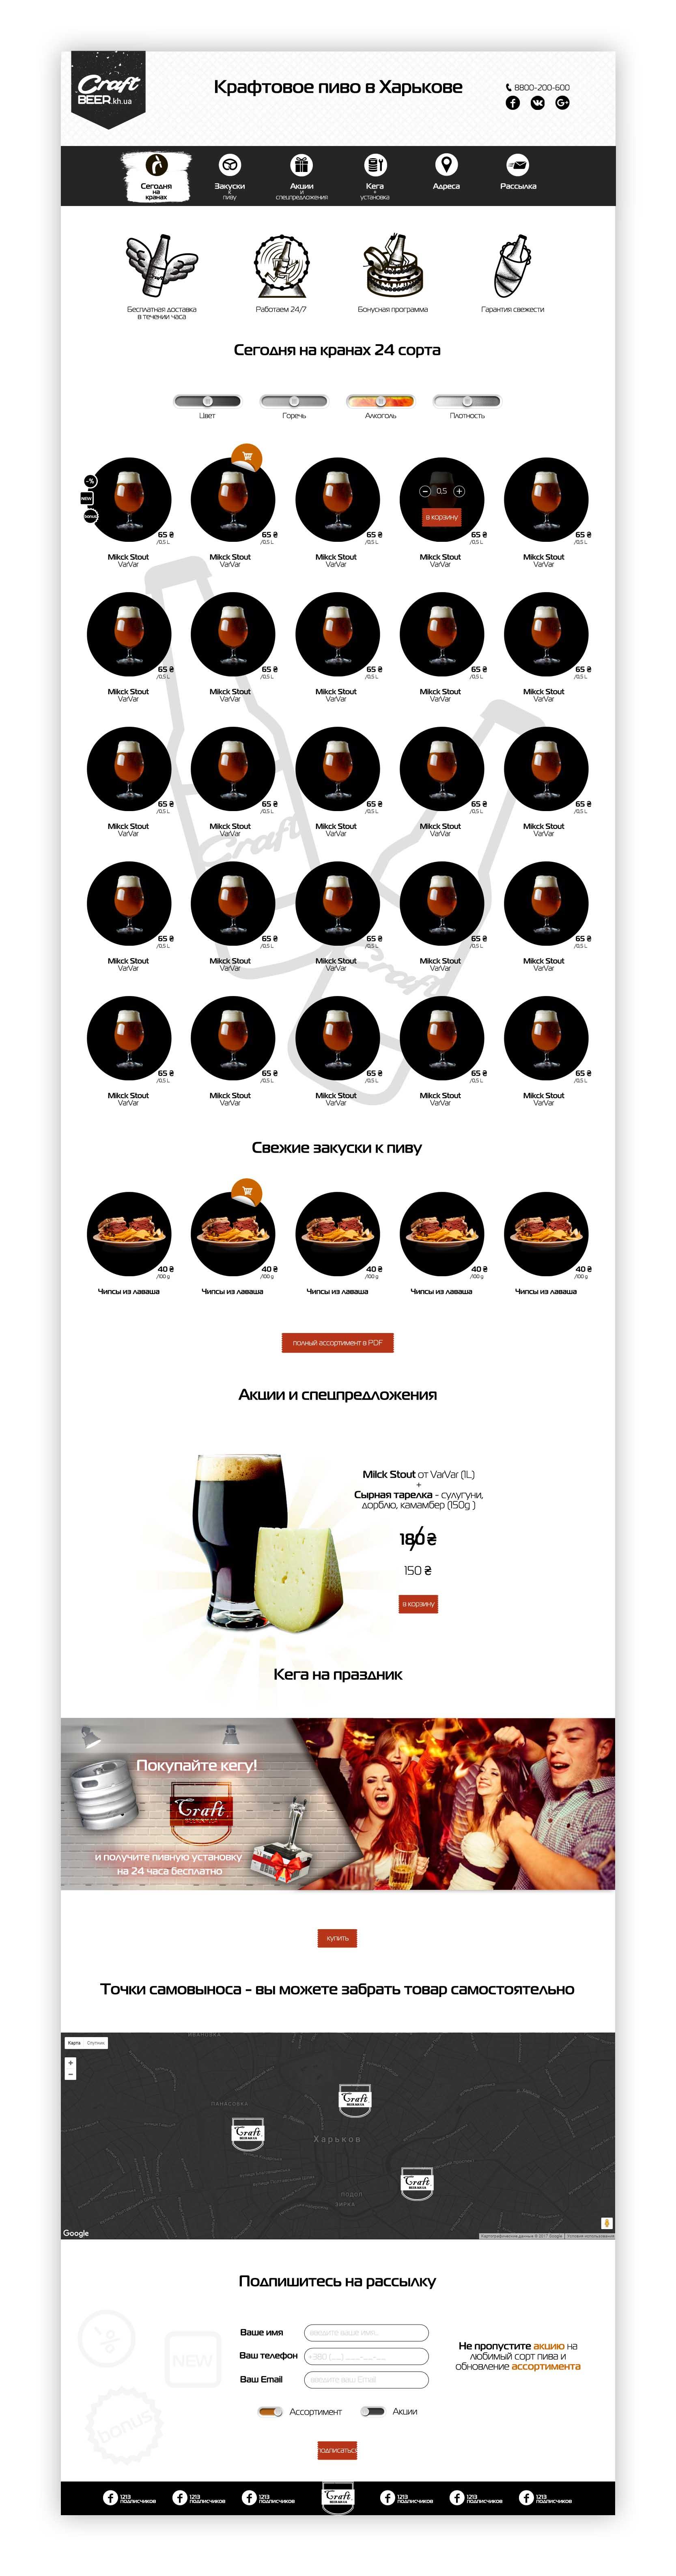 Дизайн лендинга, + страница Бонусов, + модальные окна фото f_6525a623117bb4a4.jpg